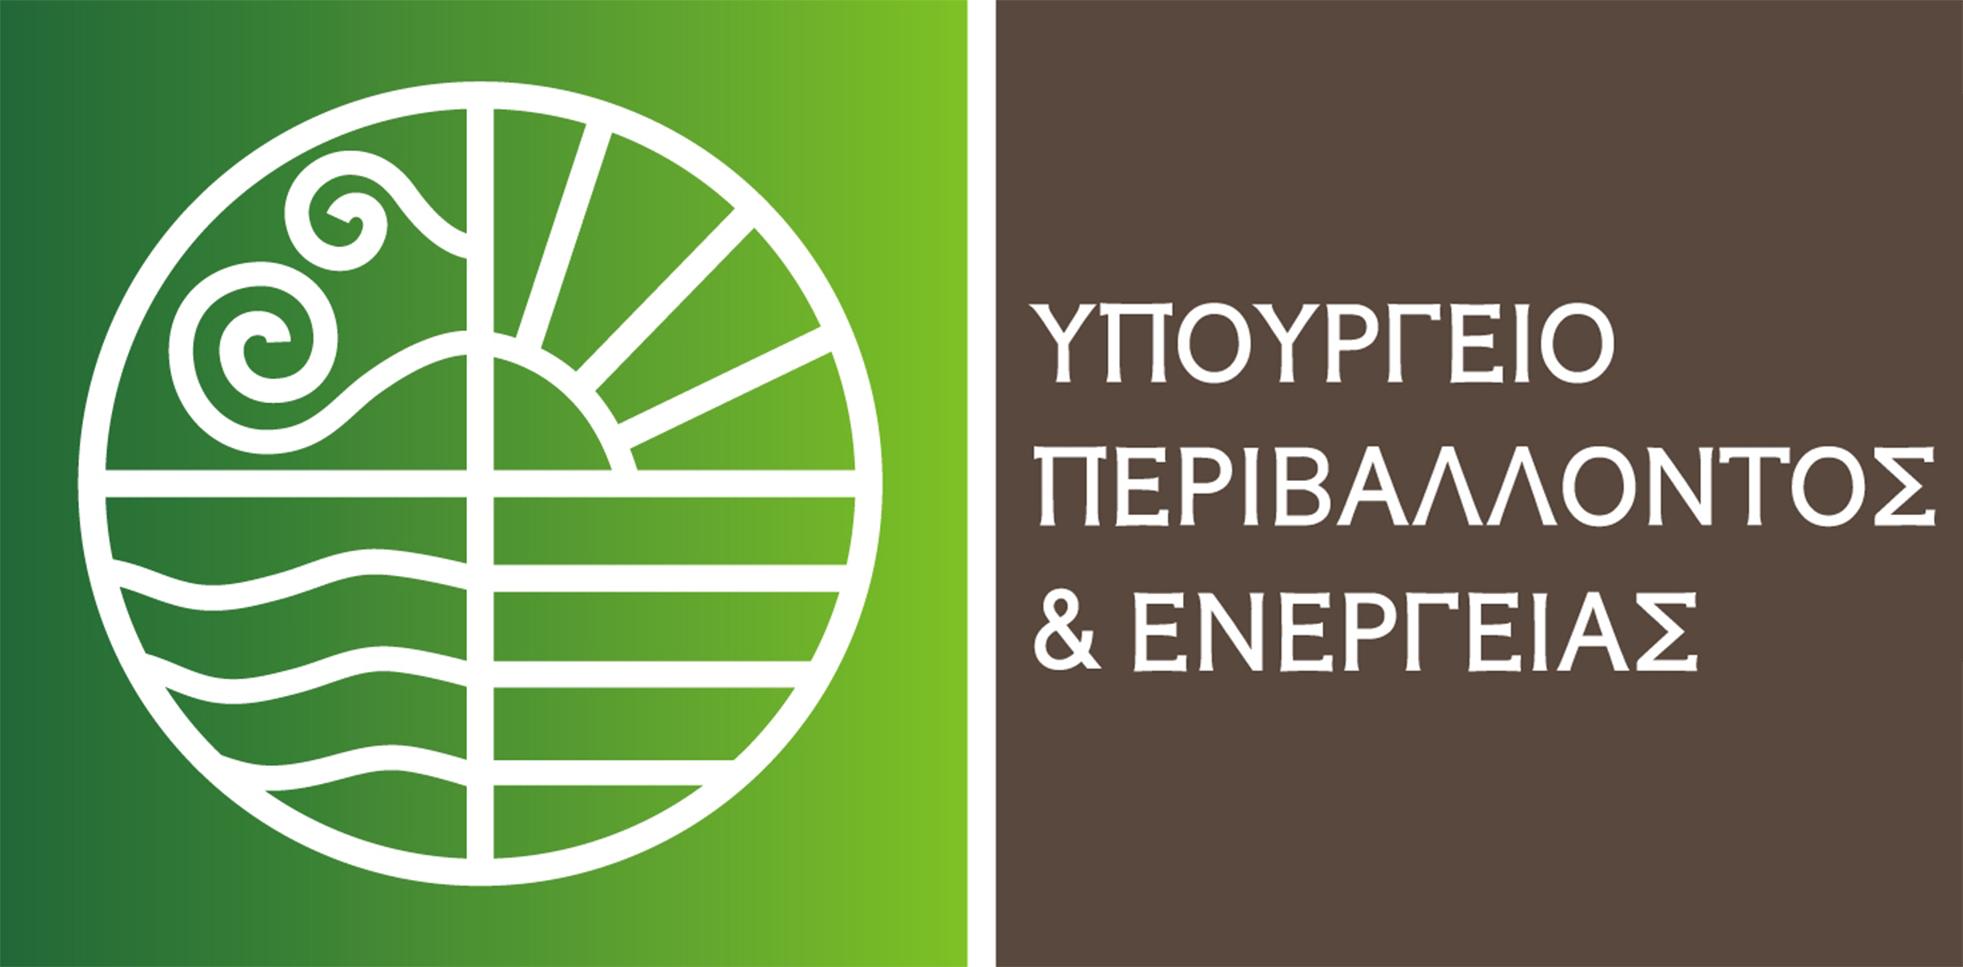 Ypoyrgeio Perivalontos & Energeias